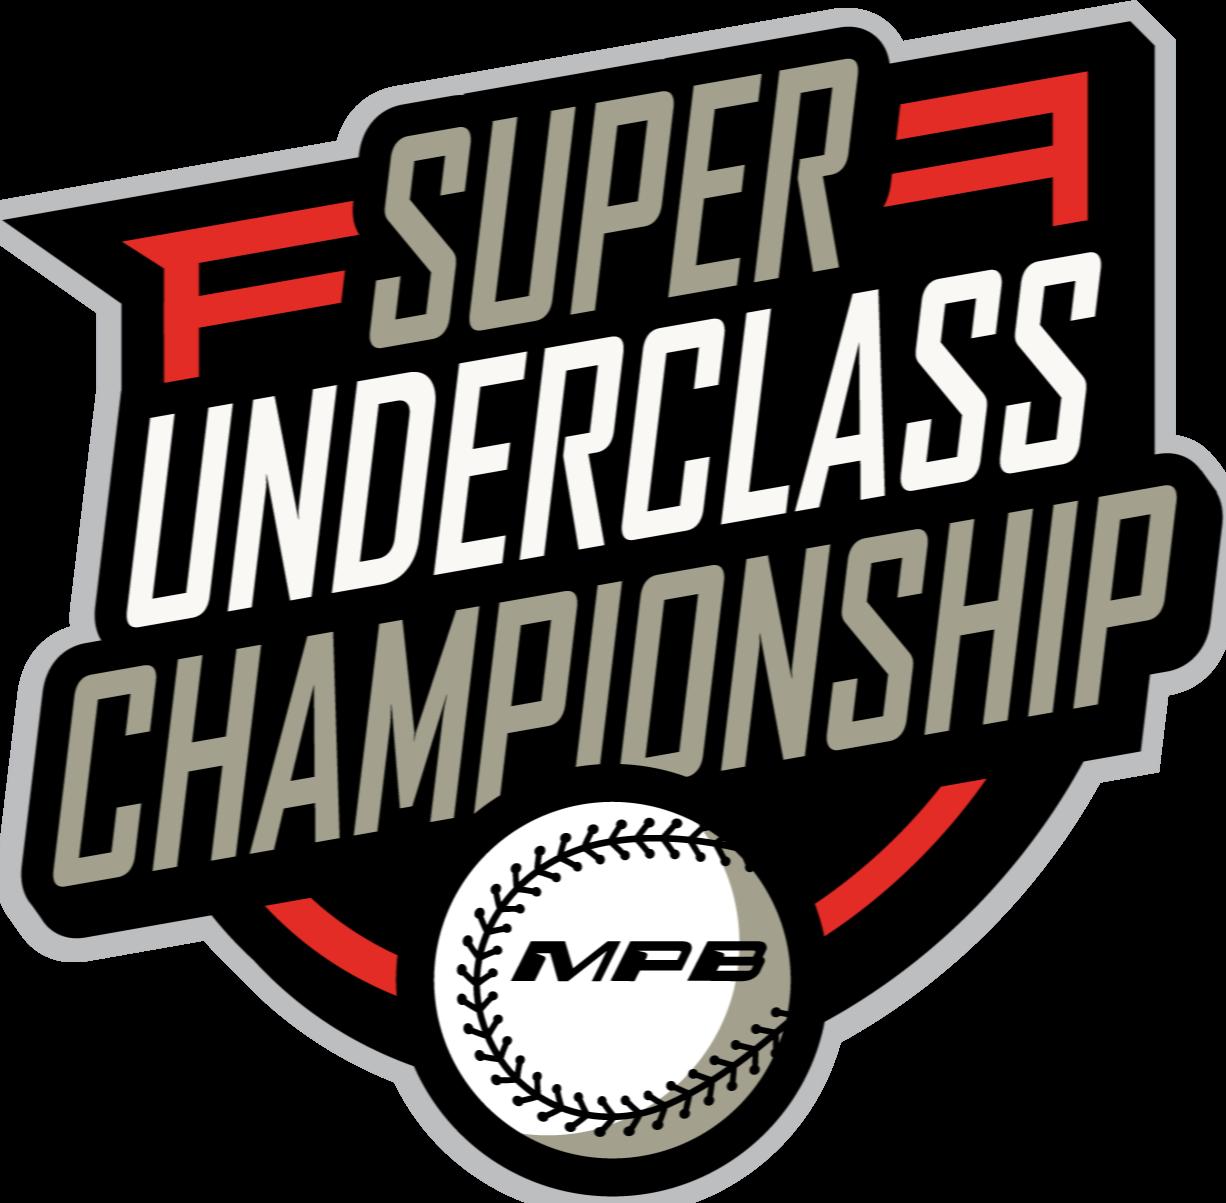 Midwest Premier Underclass Championships